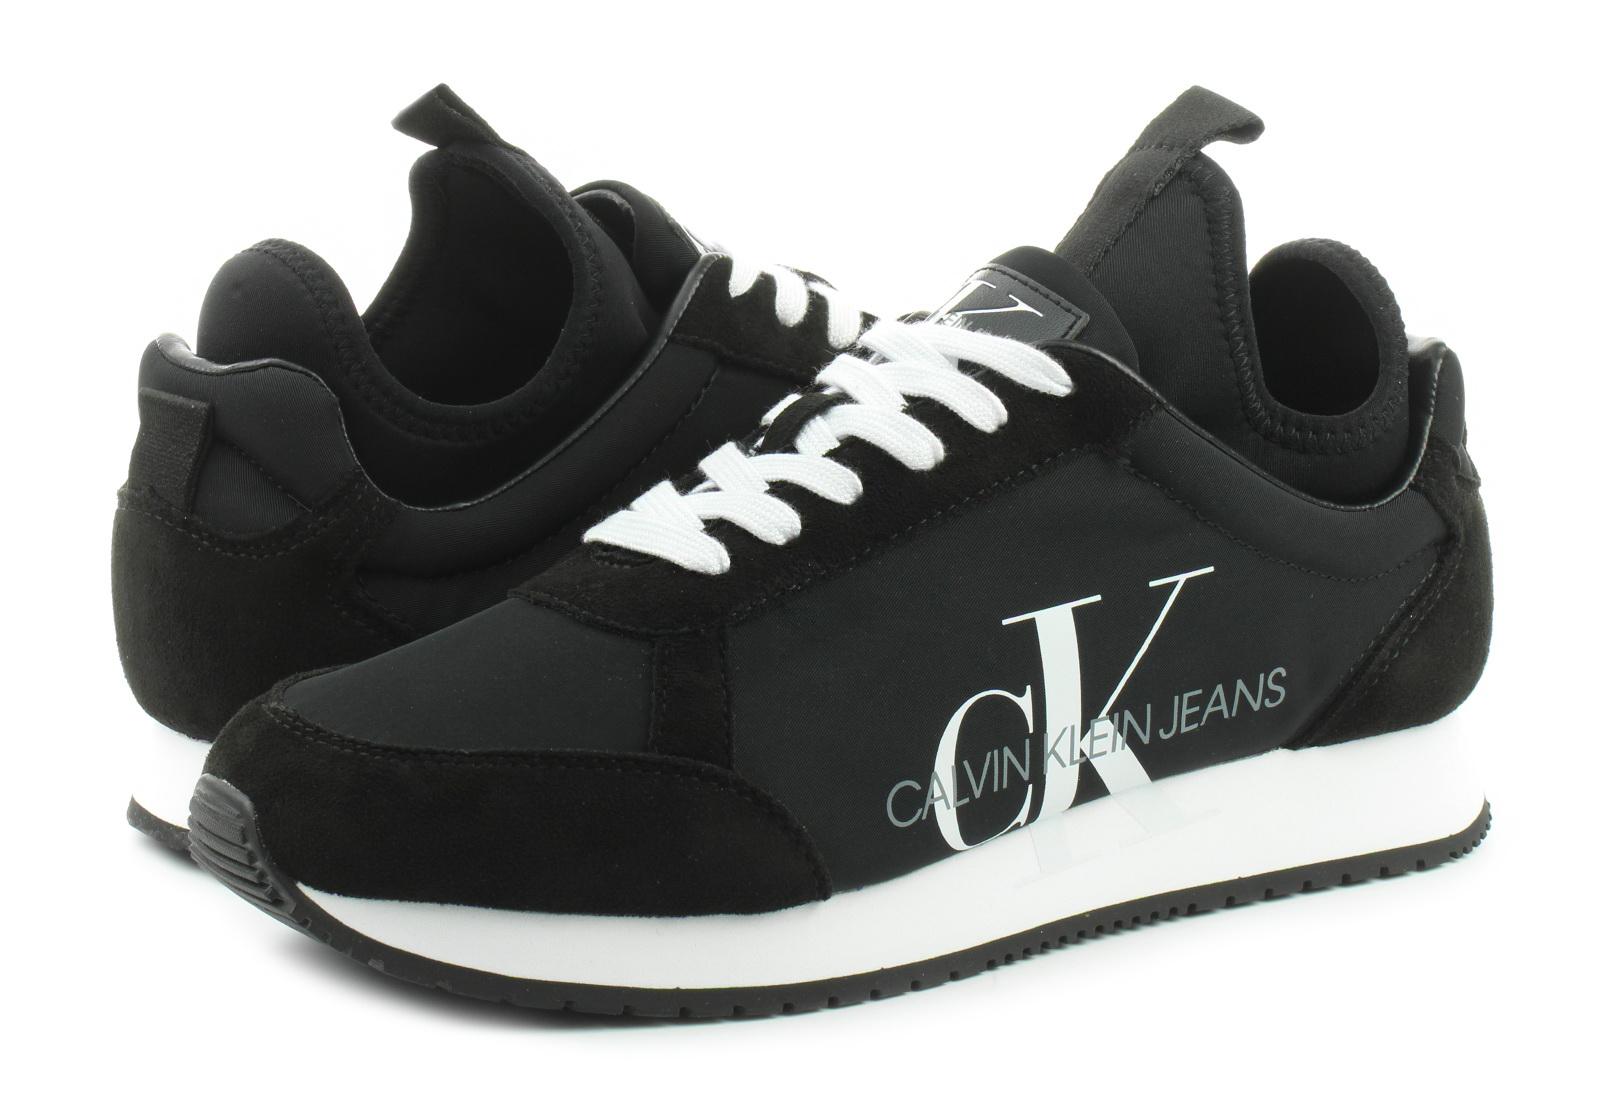 Calvin Klein Jeans Patike Jemmy